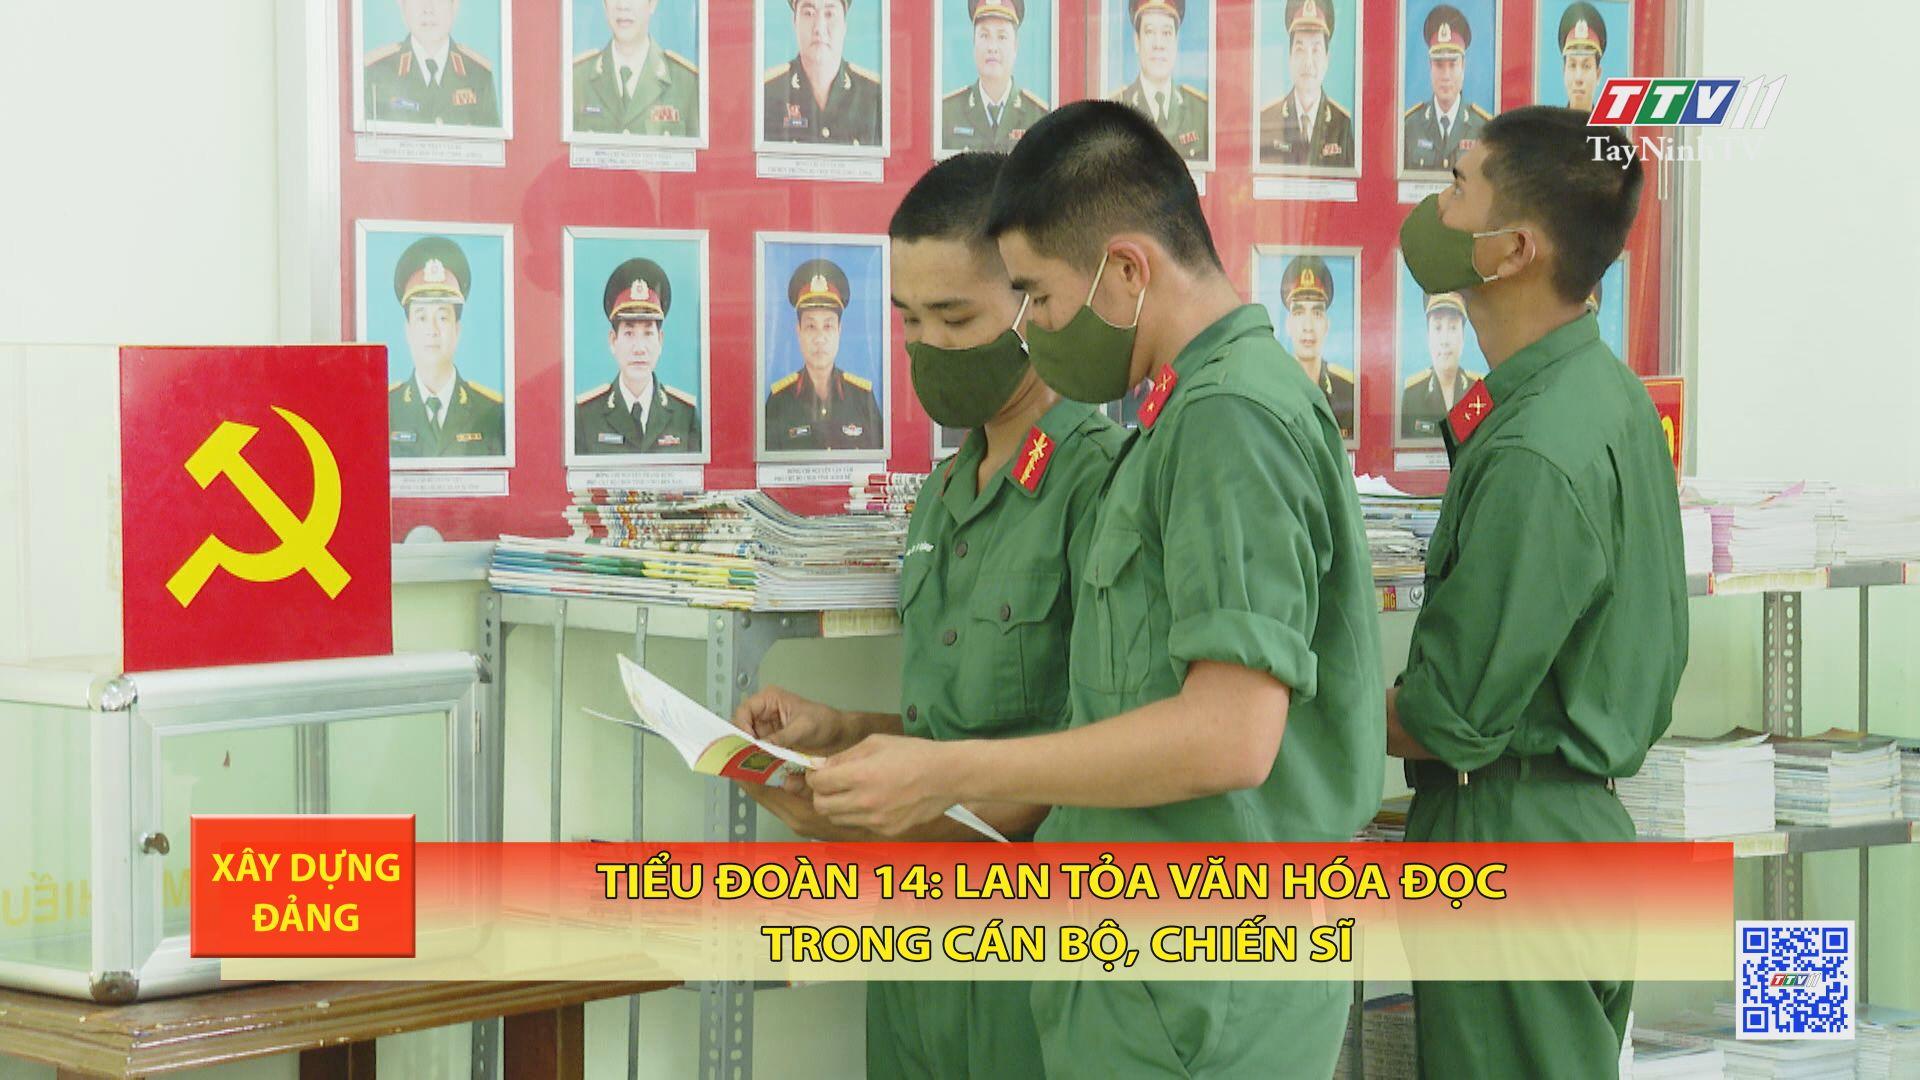 Tiểu đoàn 14: lan tỏa văn hóa đọc trong cán bộ, chiến sĩ   XÂY DỰNG ĐẢNG   TayNinhTV